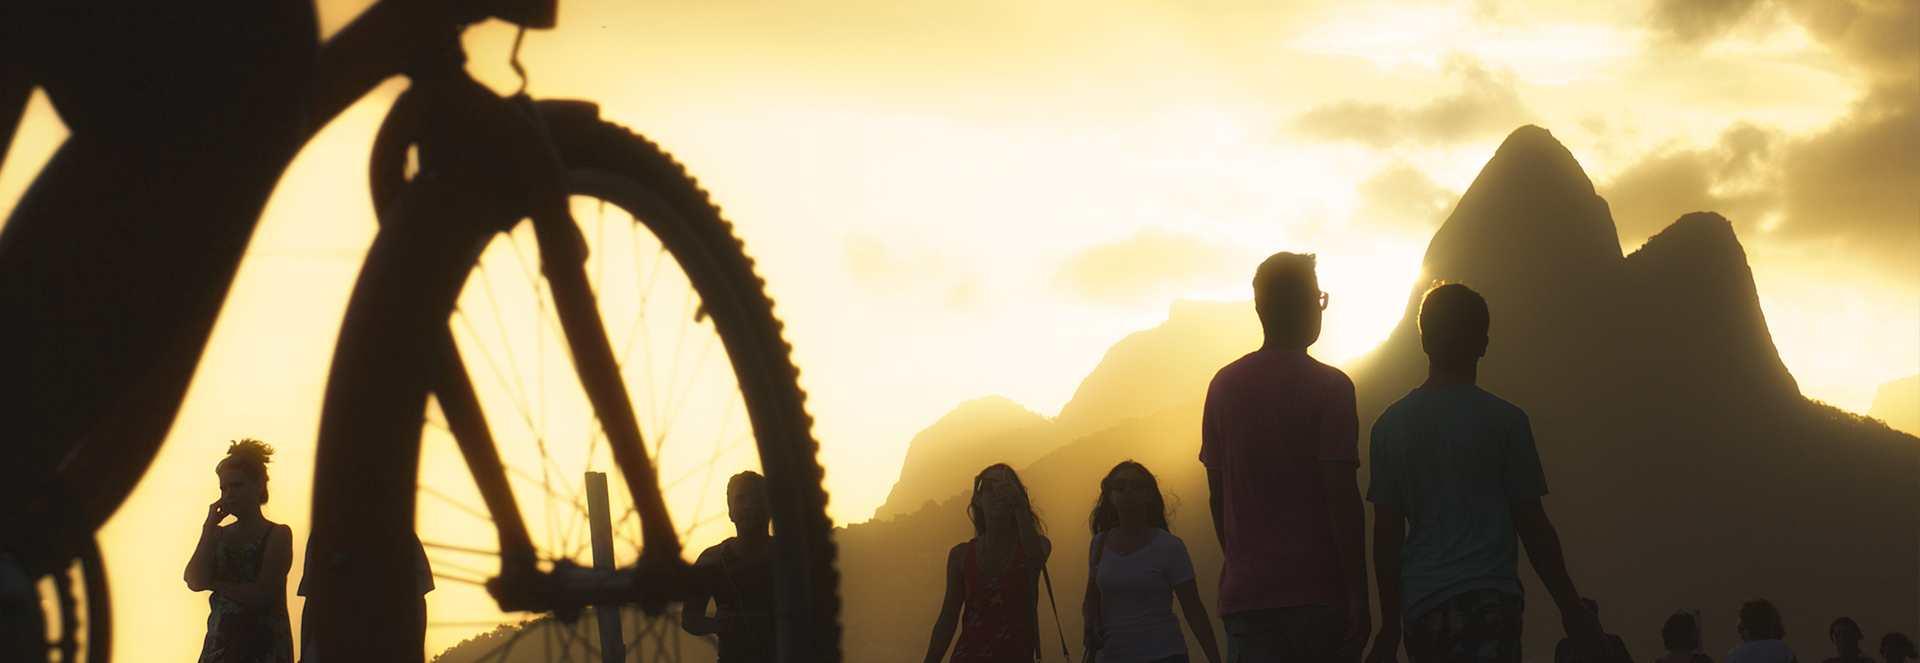 Biking in Golden   Featured Trails   Choose Your Next Adventure